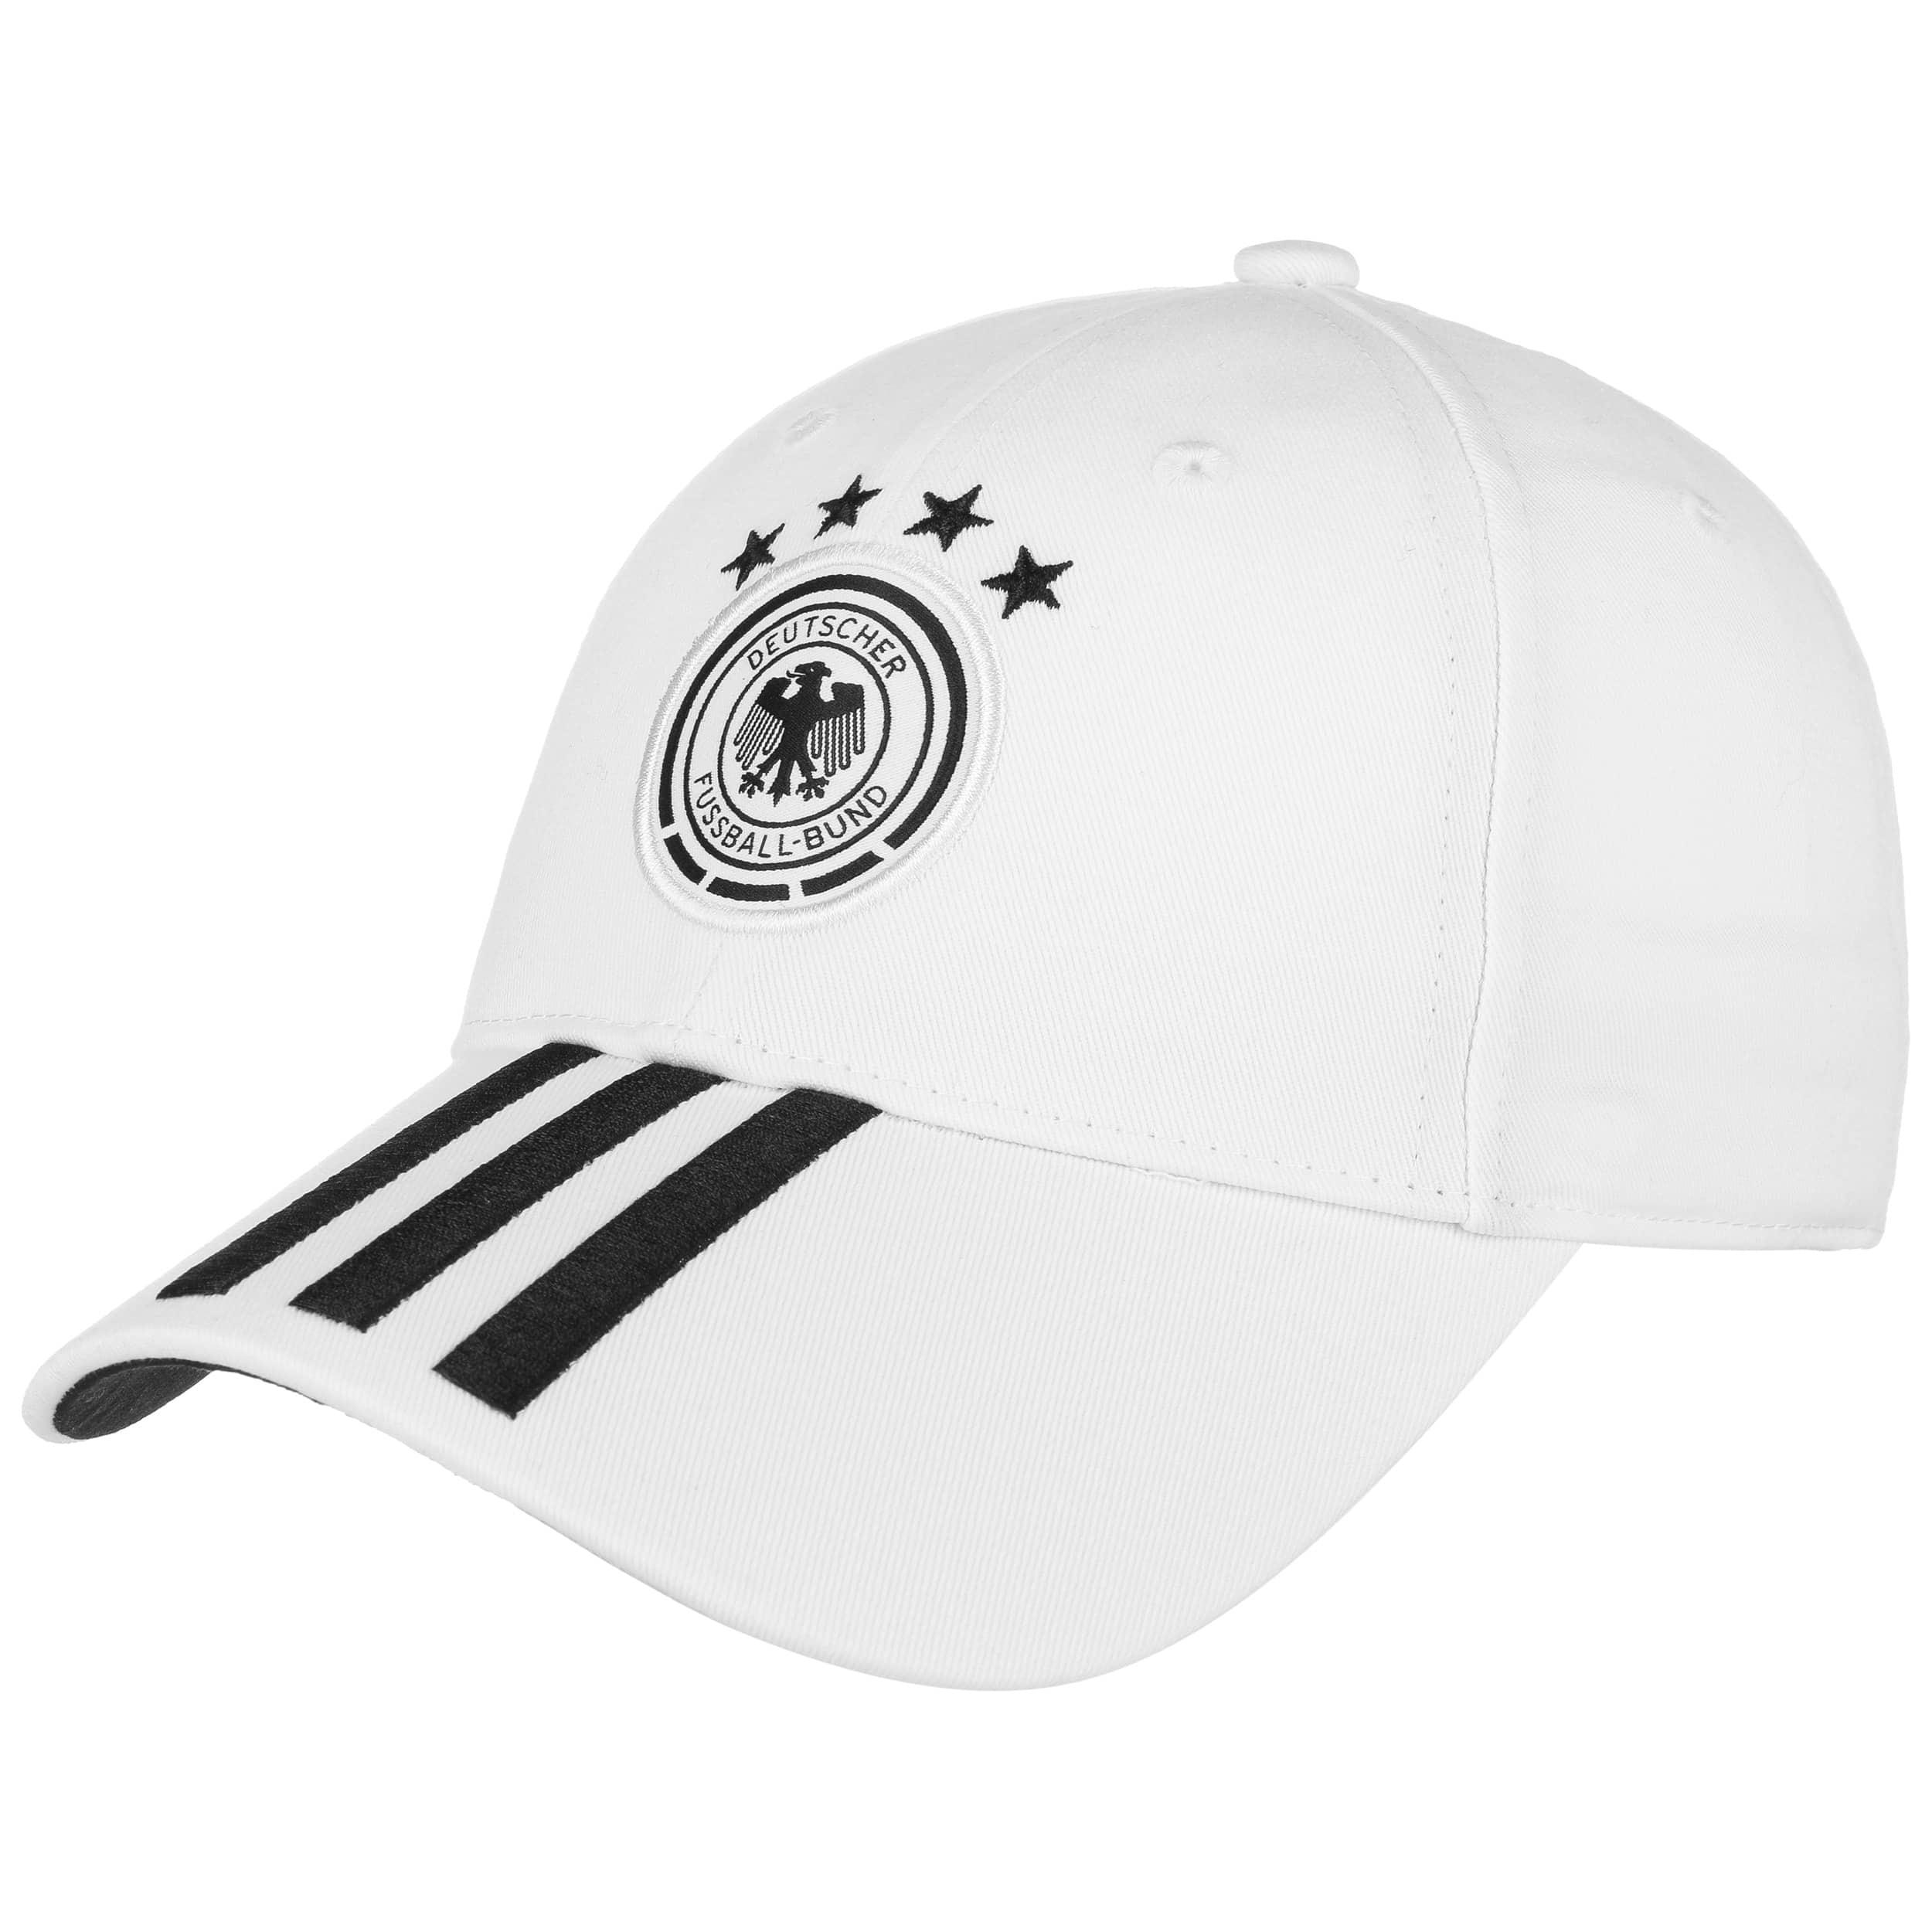 0f0cfa02db802 Gorra DFB 3 Stripes by adidas - Gorras - sombreroshop.es